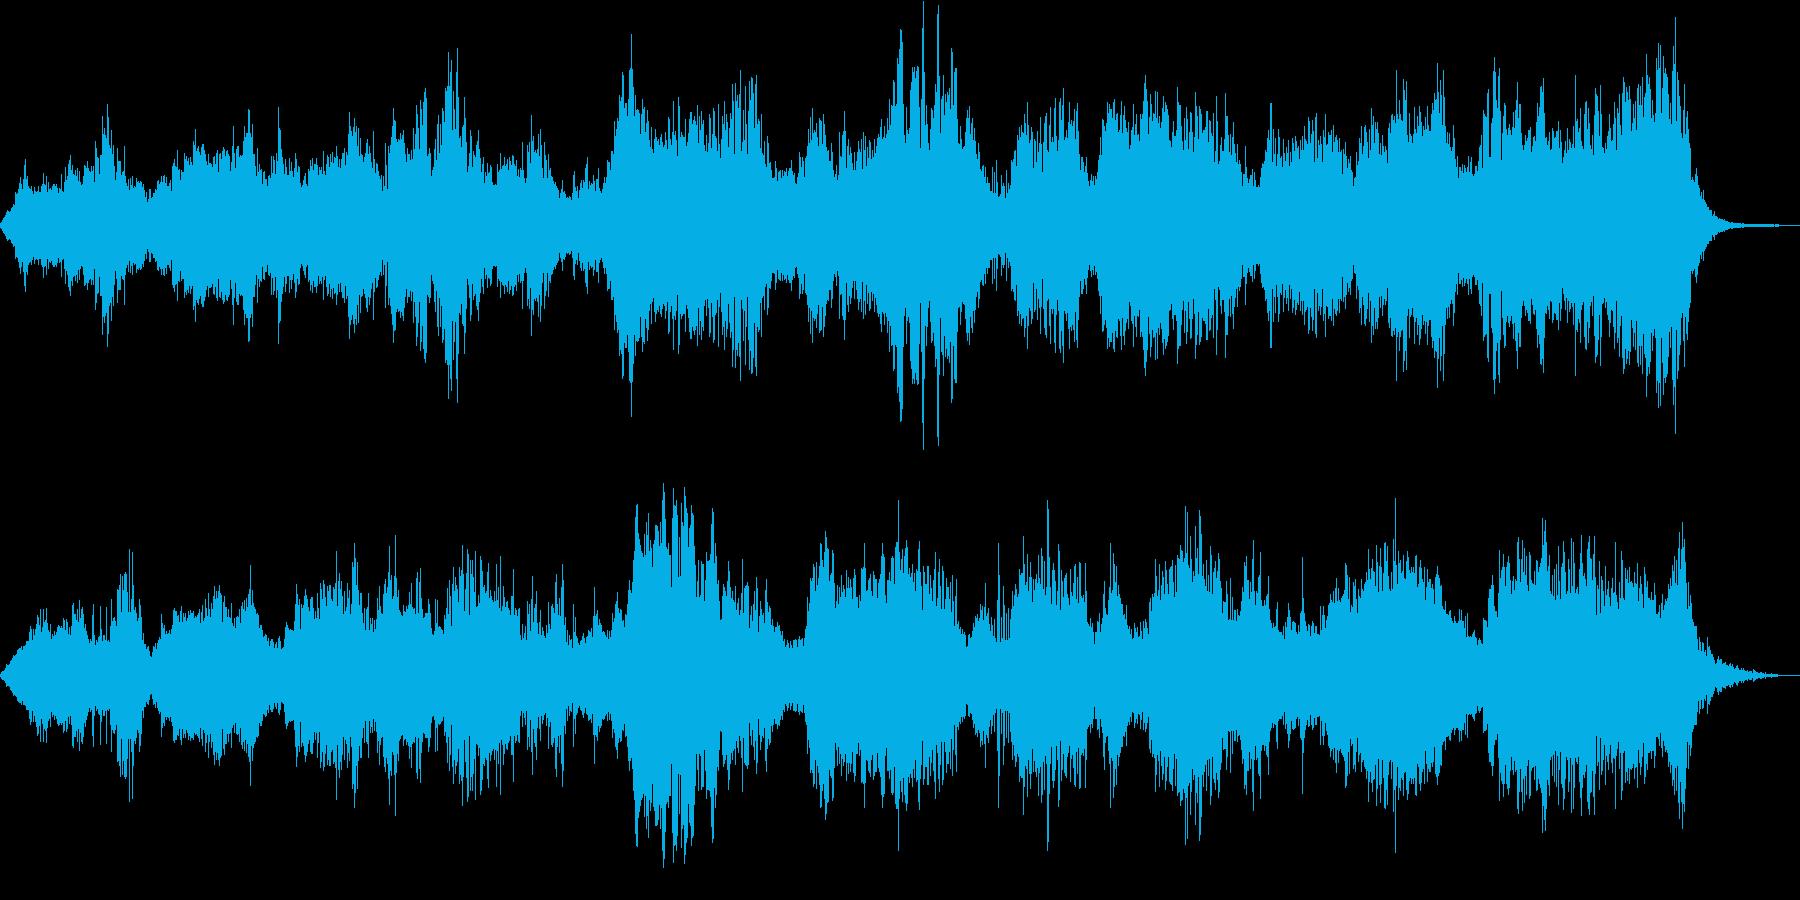 アンビエントな和風系暗めのBGMの再生済みの波形